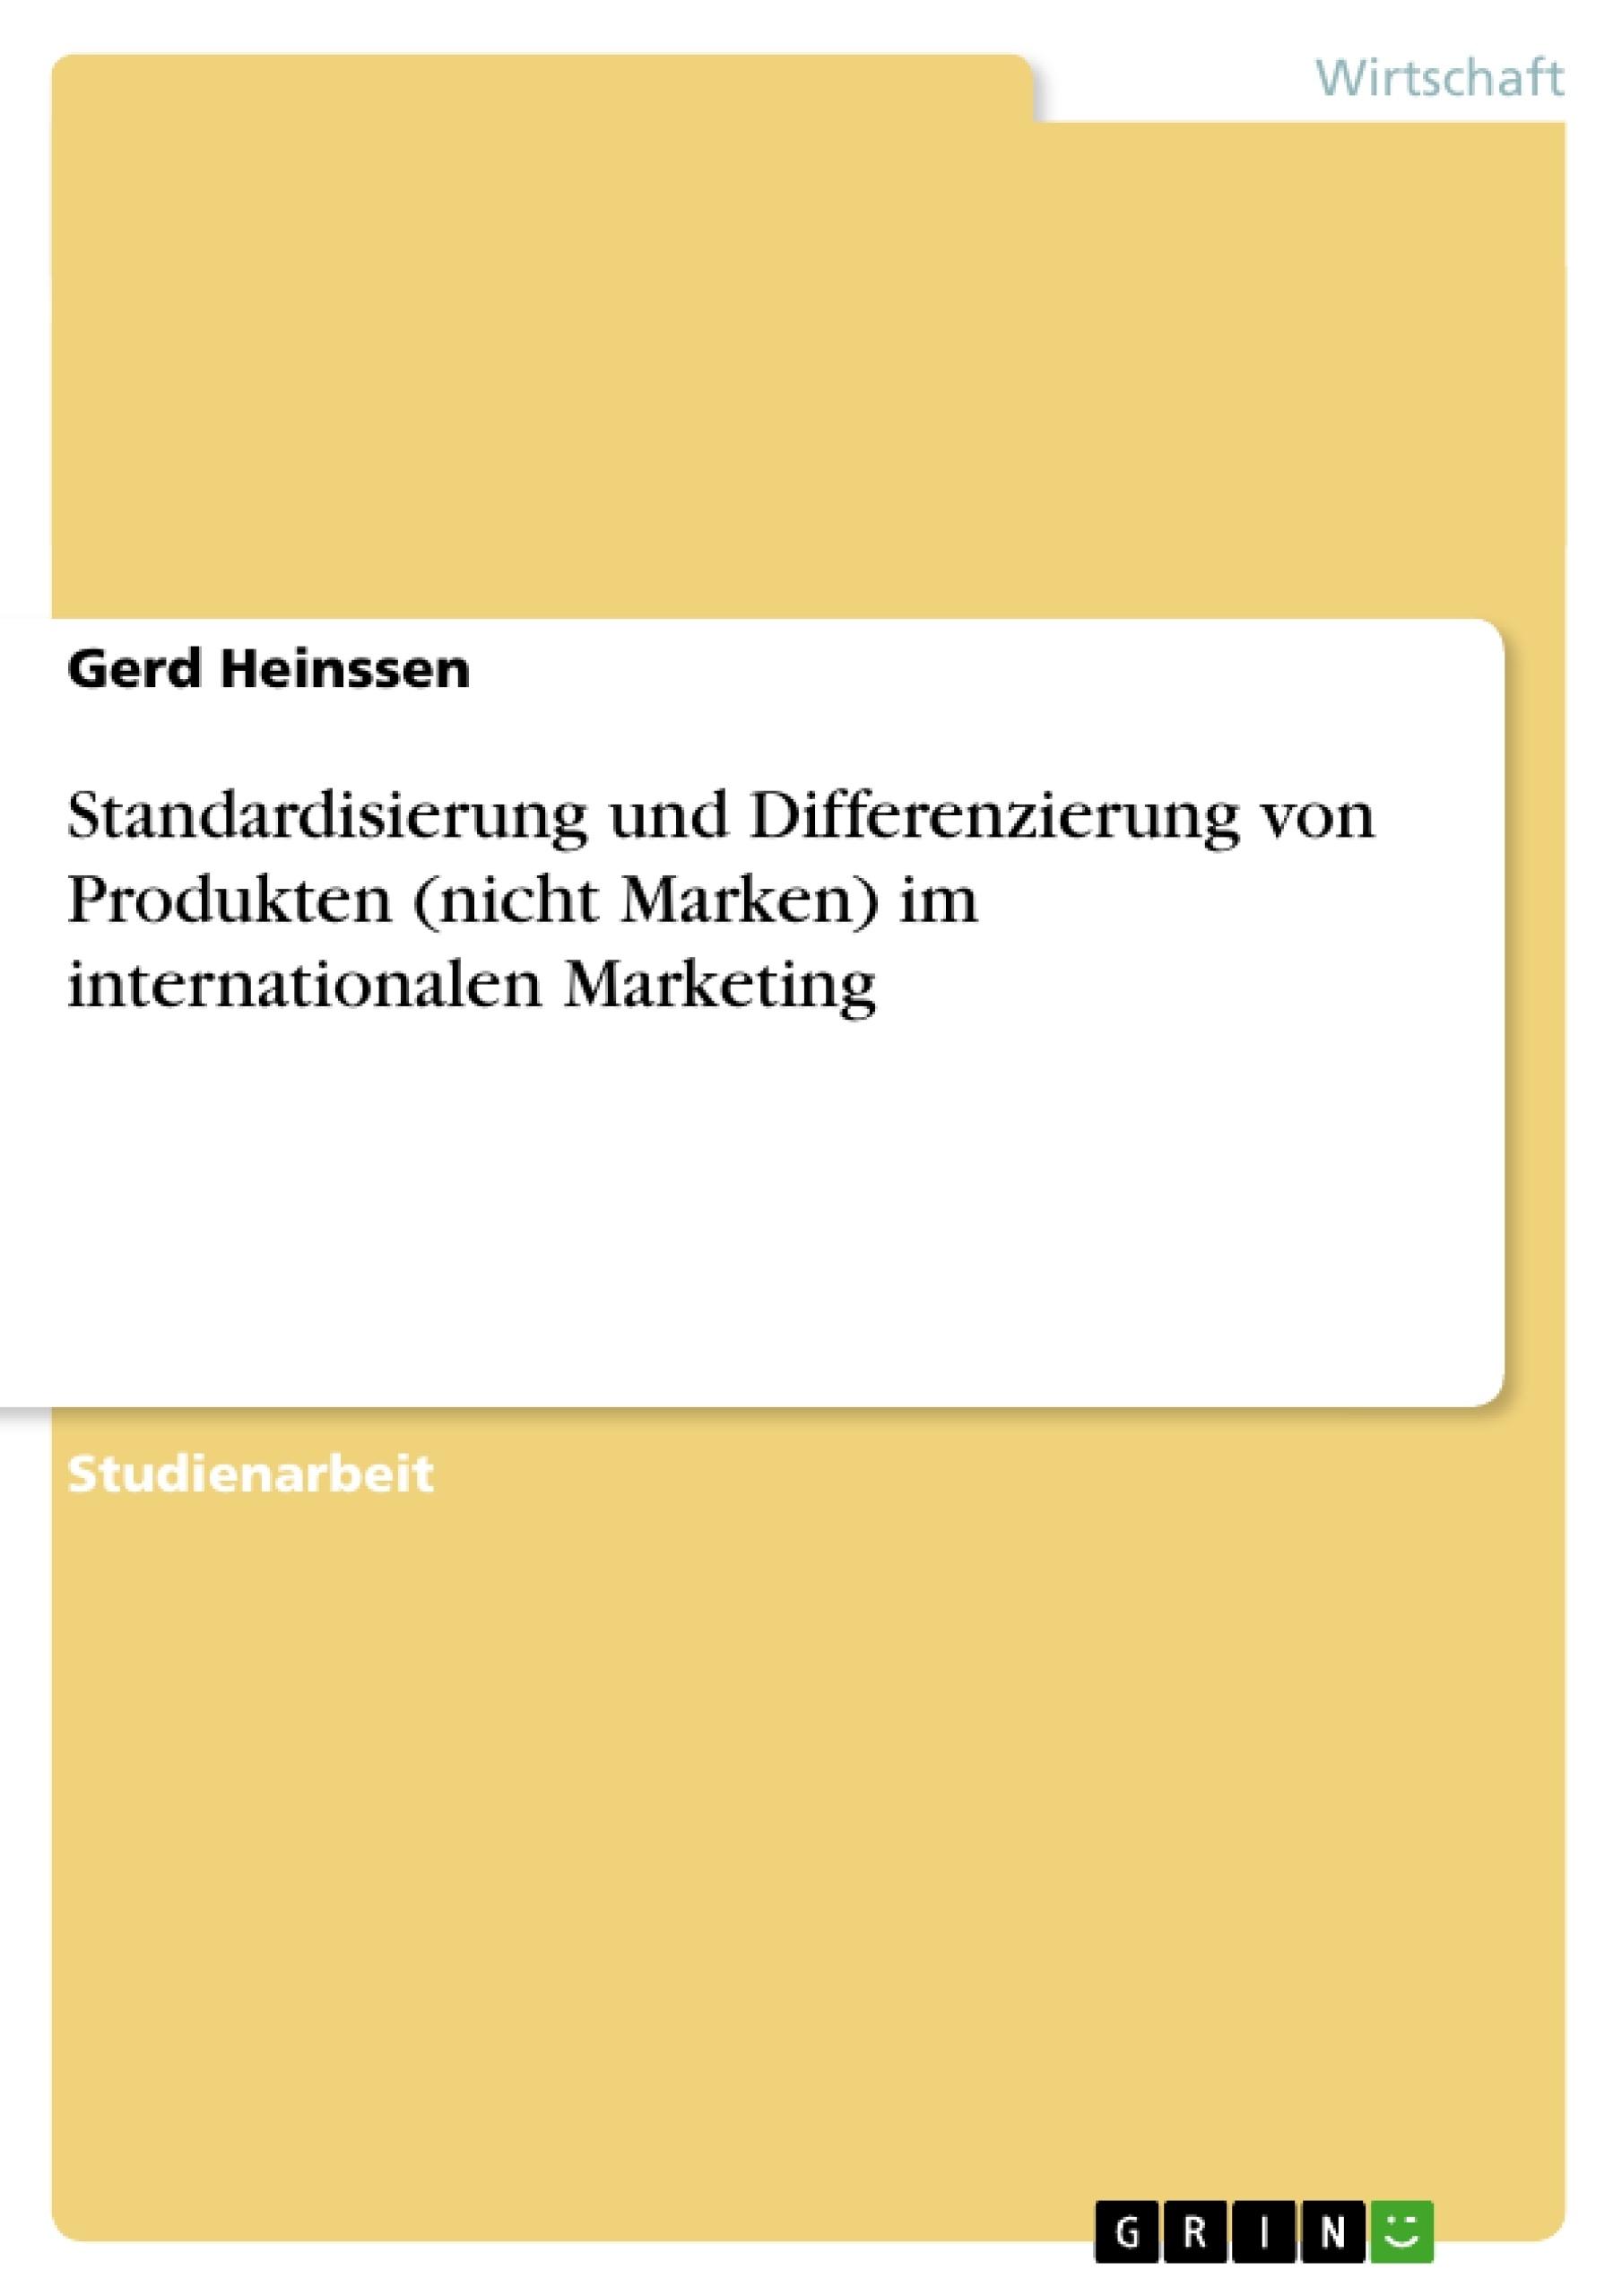 Titel: Standardisierung und Differenzierung von Produkten (nicht Marken) im internationalen Marketing